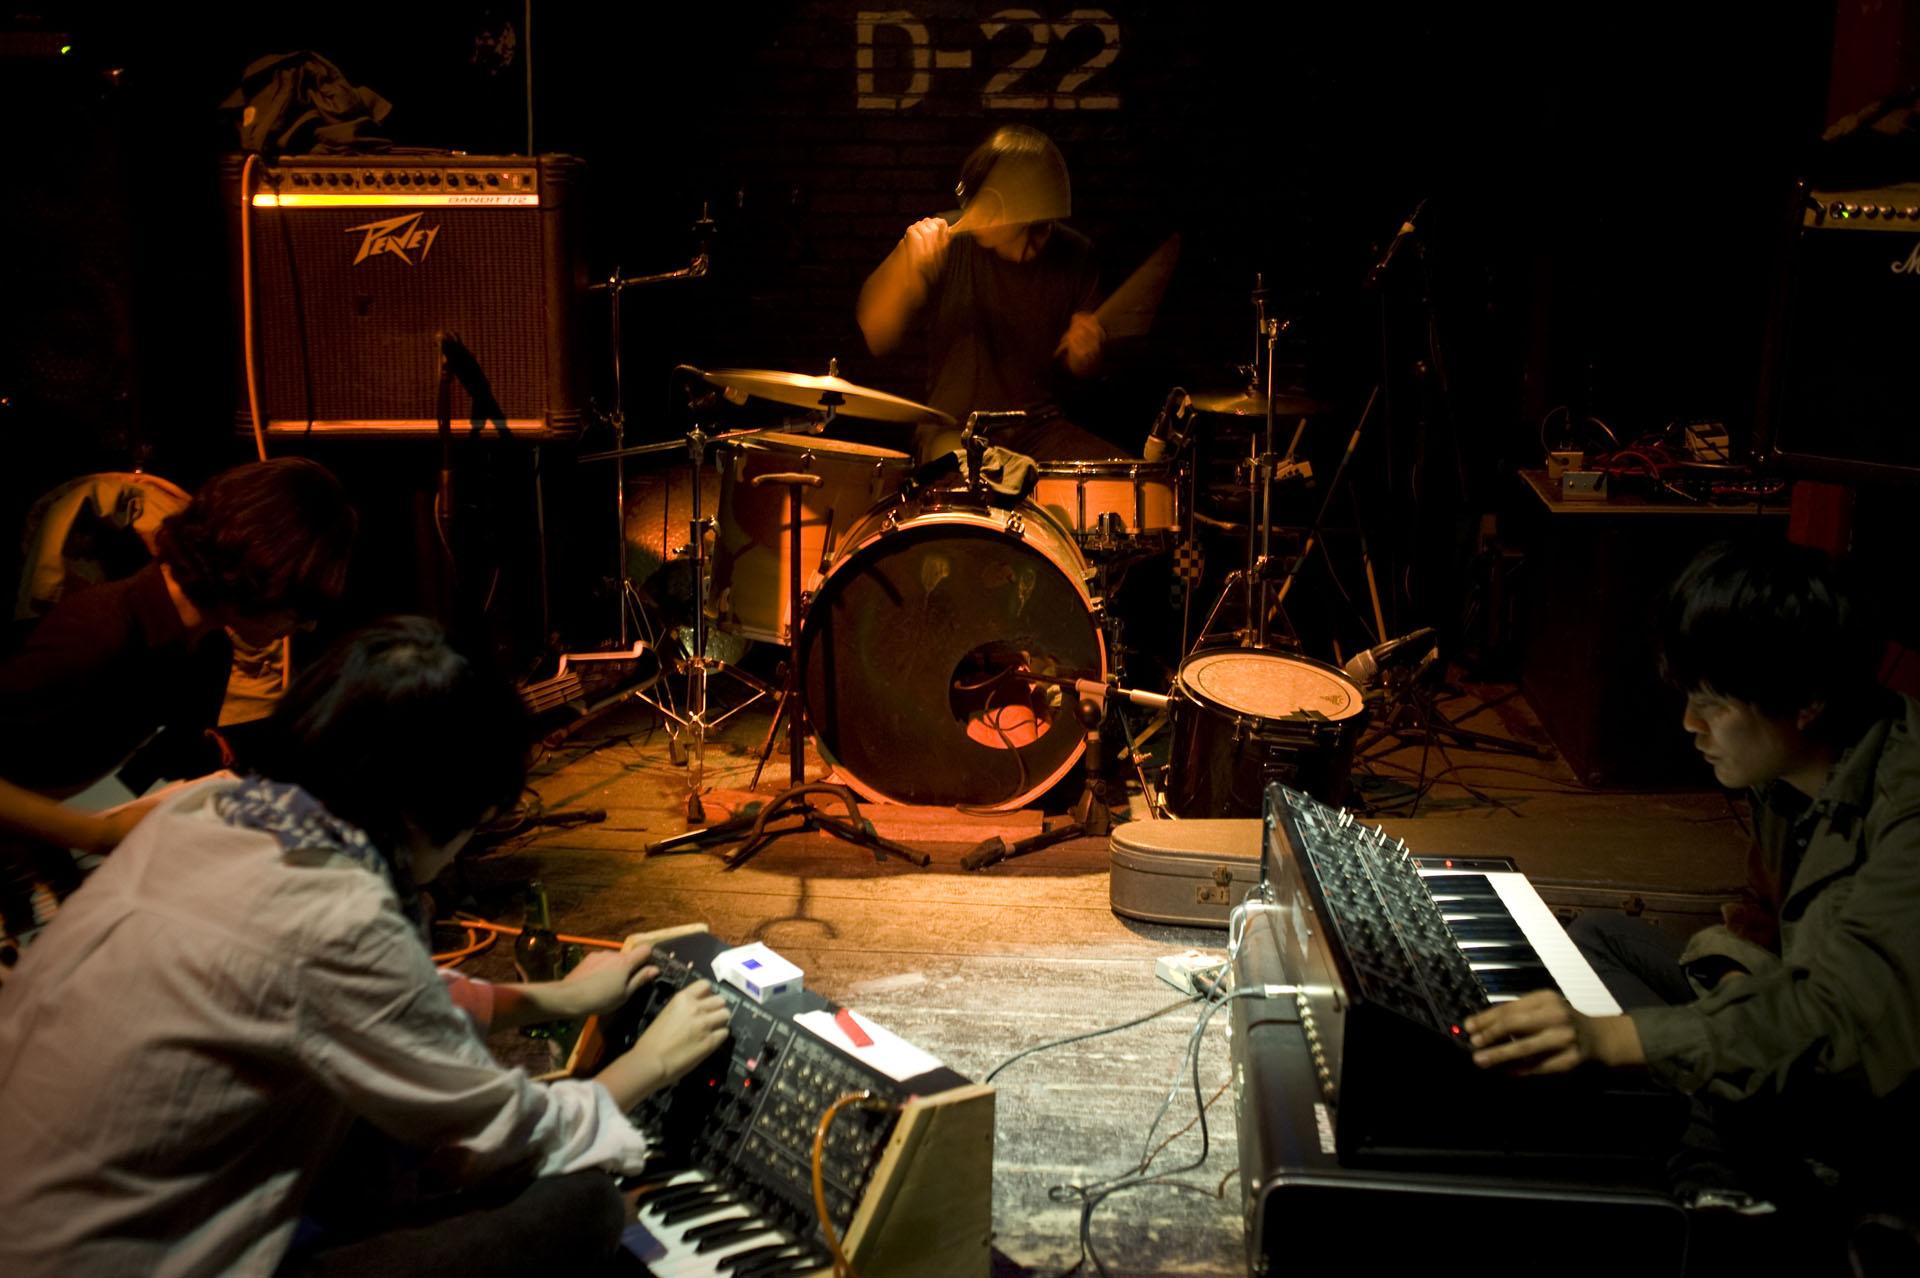 Le D-22